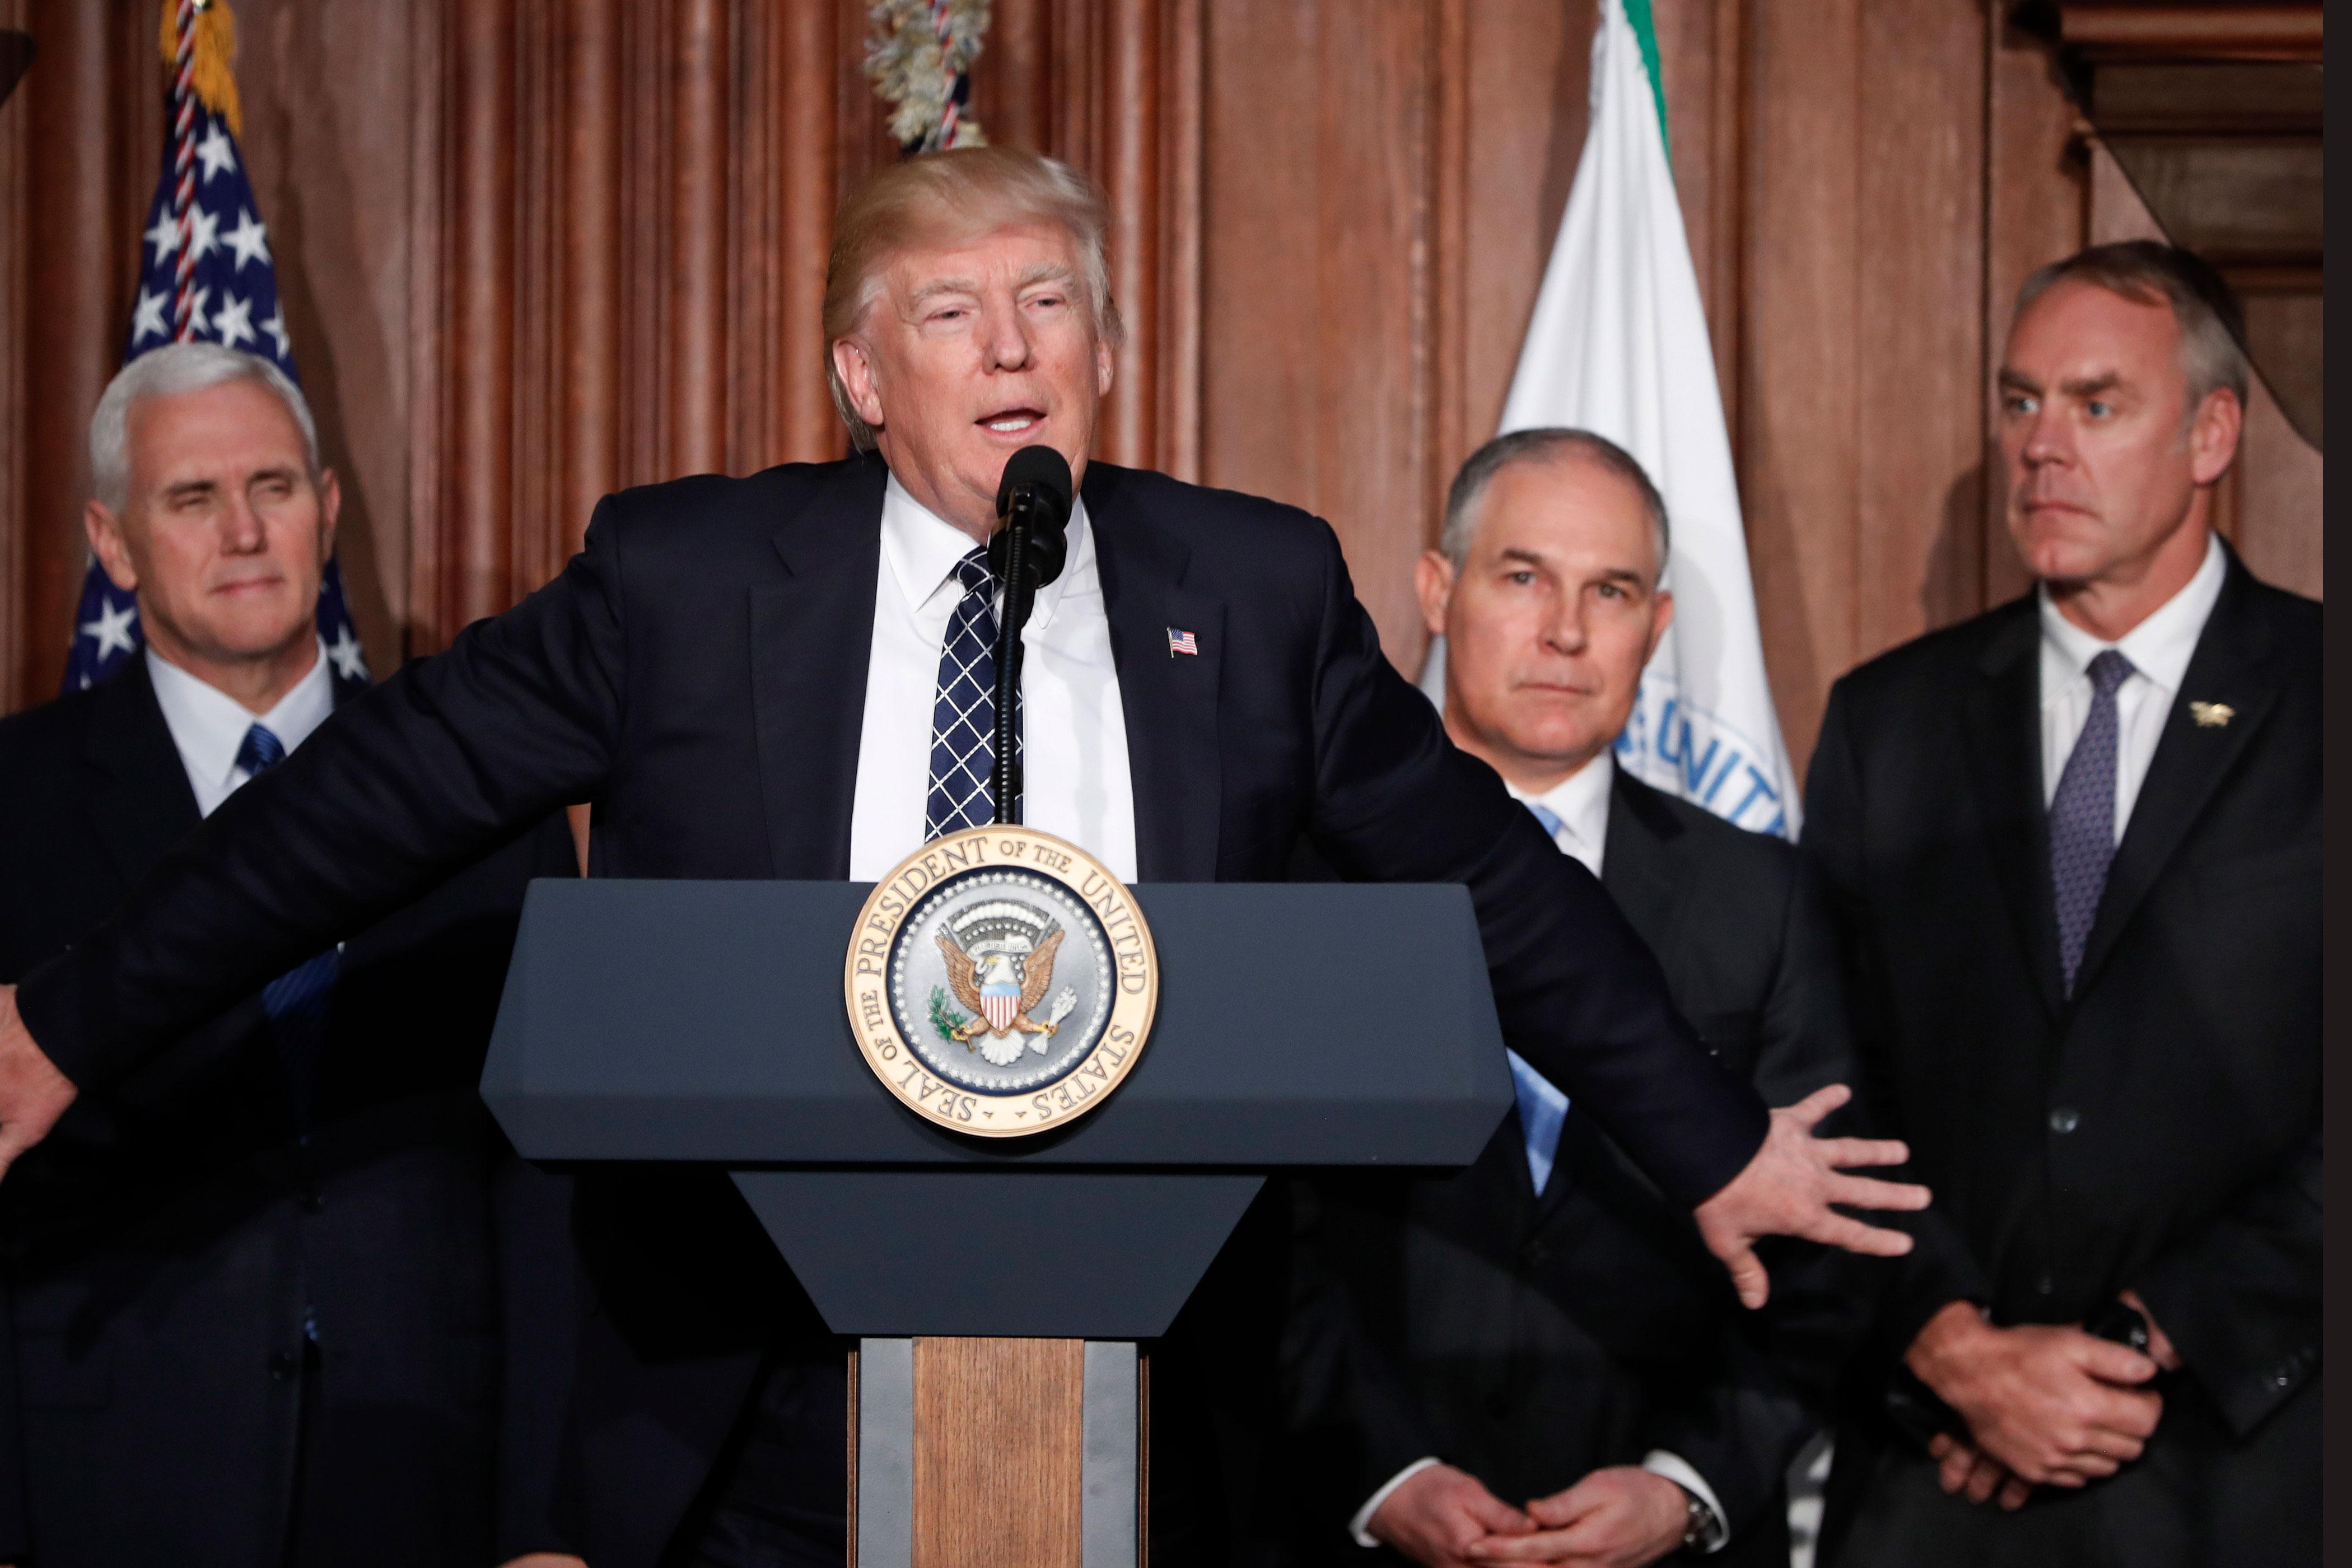 Photo: Trump Climate Plan | Trump, Pence, Pruitt, Zinke At EPA - AP